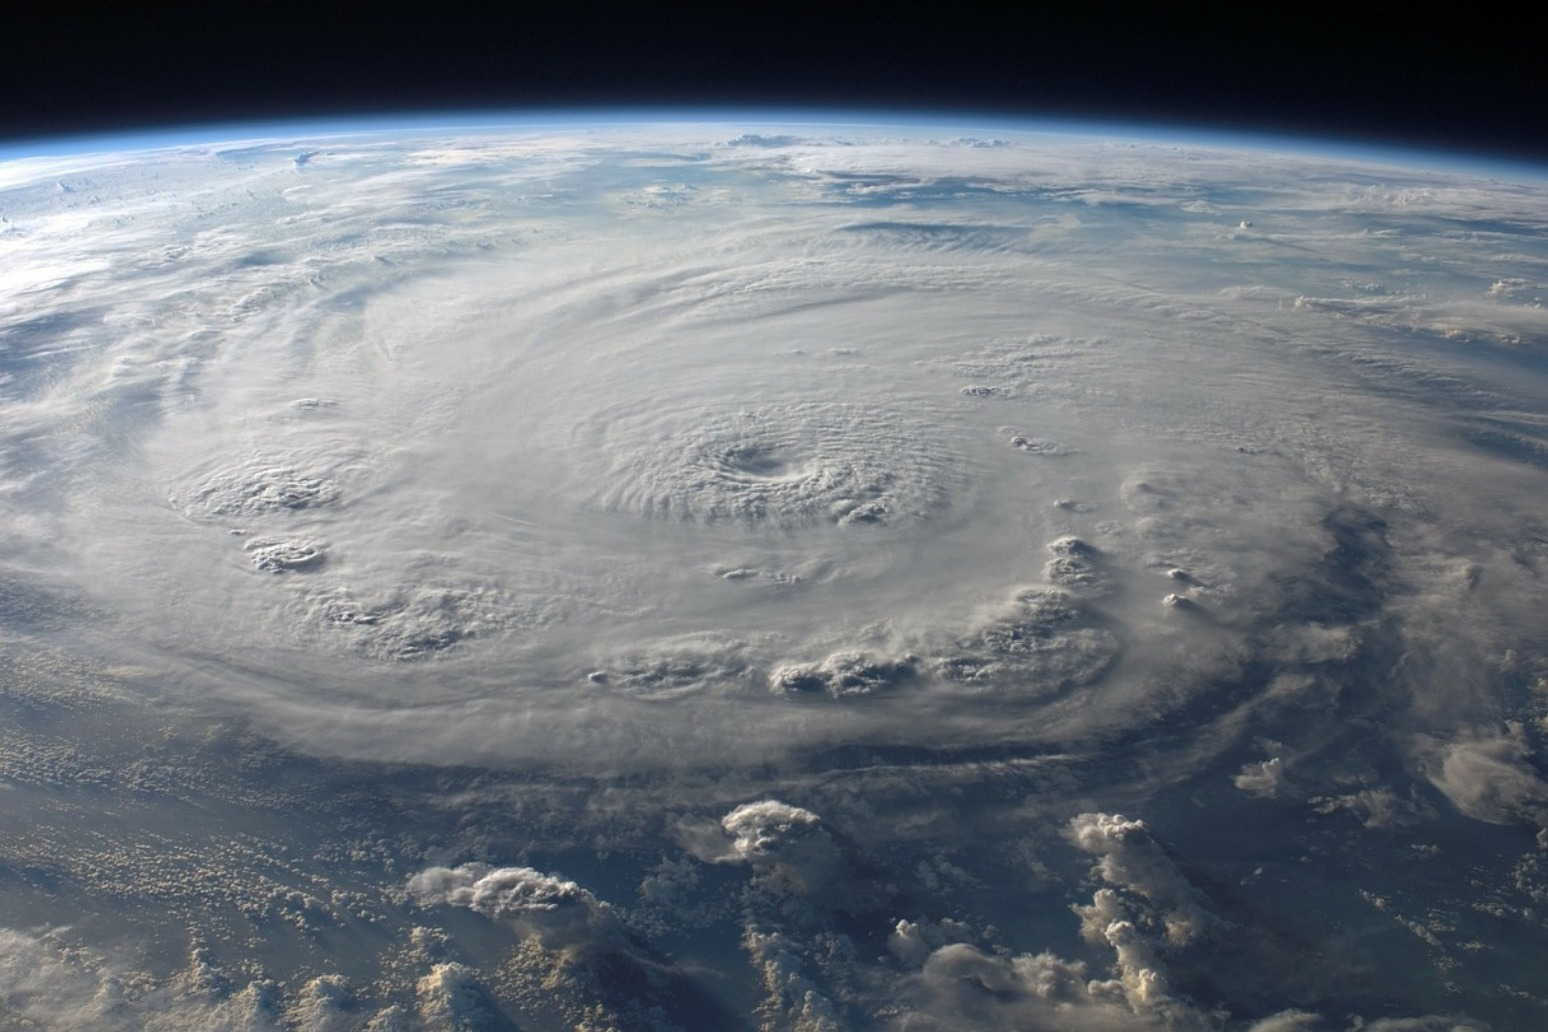 Hurricane Dorian, stalled over Bahamas, weakens slightly but still dangerous